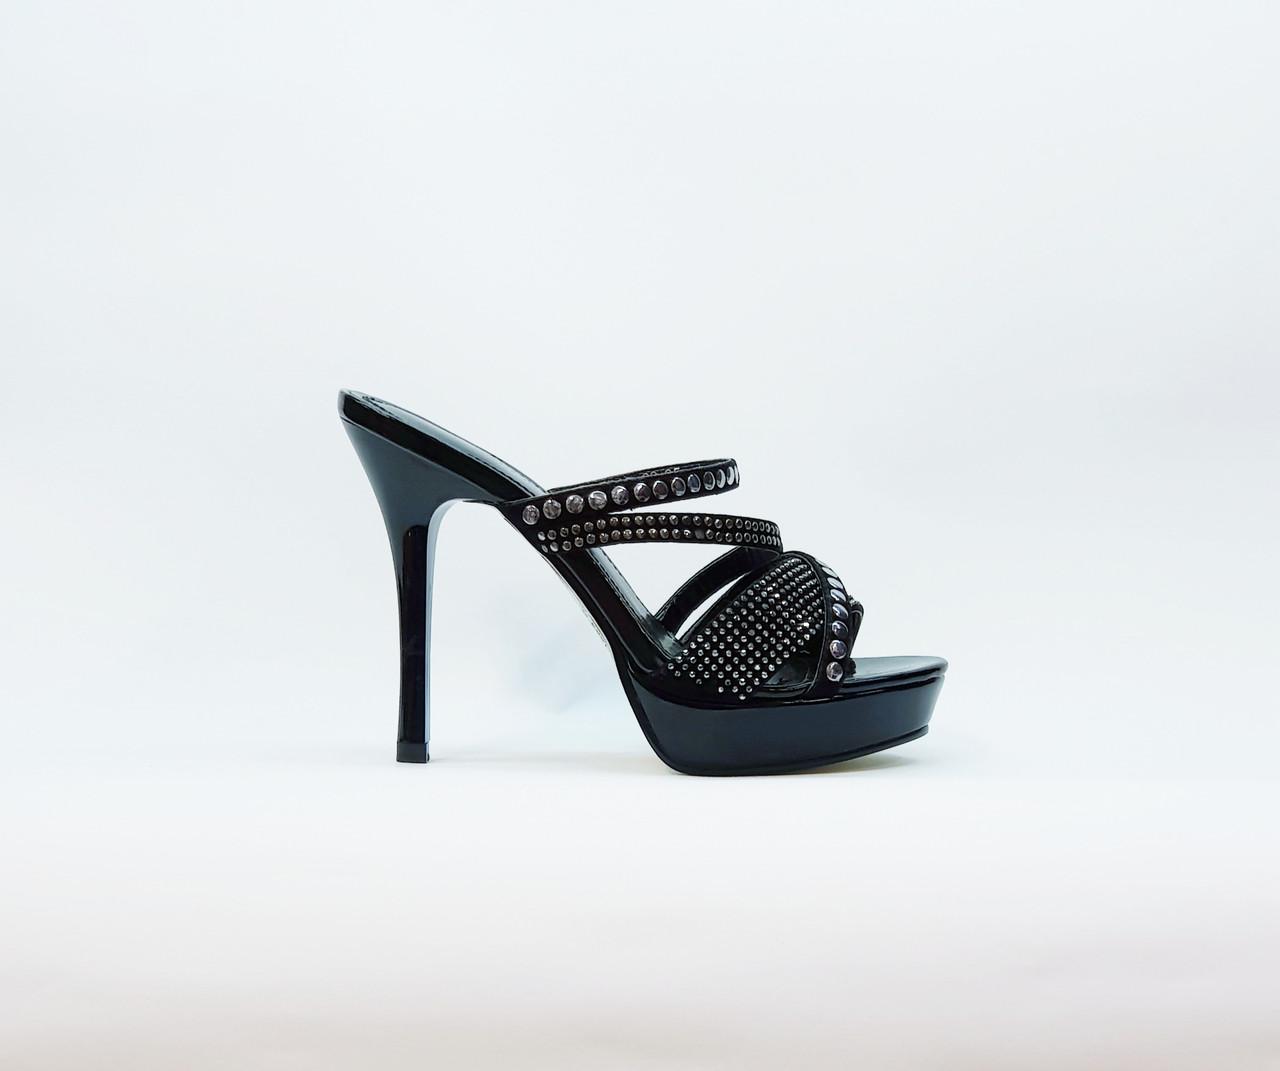 Сабо женские летние на высоком каблуке искусственная лаковая кожа черные